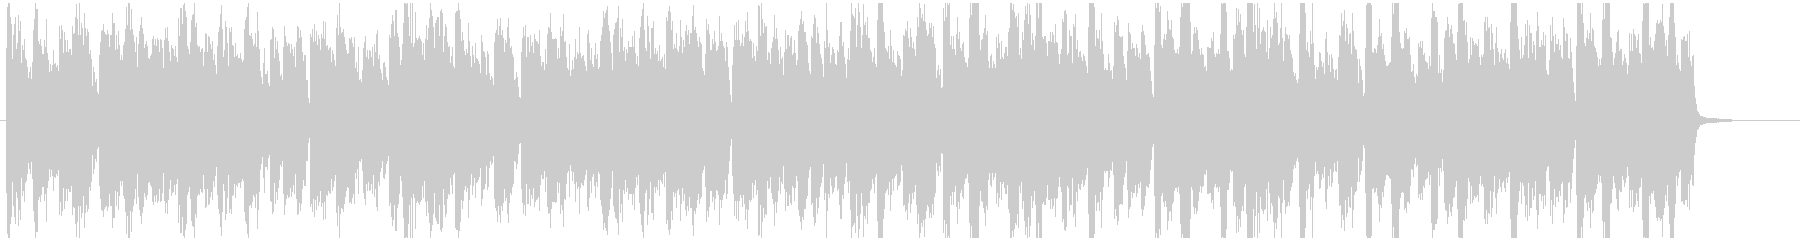 ドラムンベース ジャズファンク調ジングルの未再生の波形